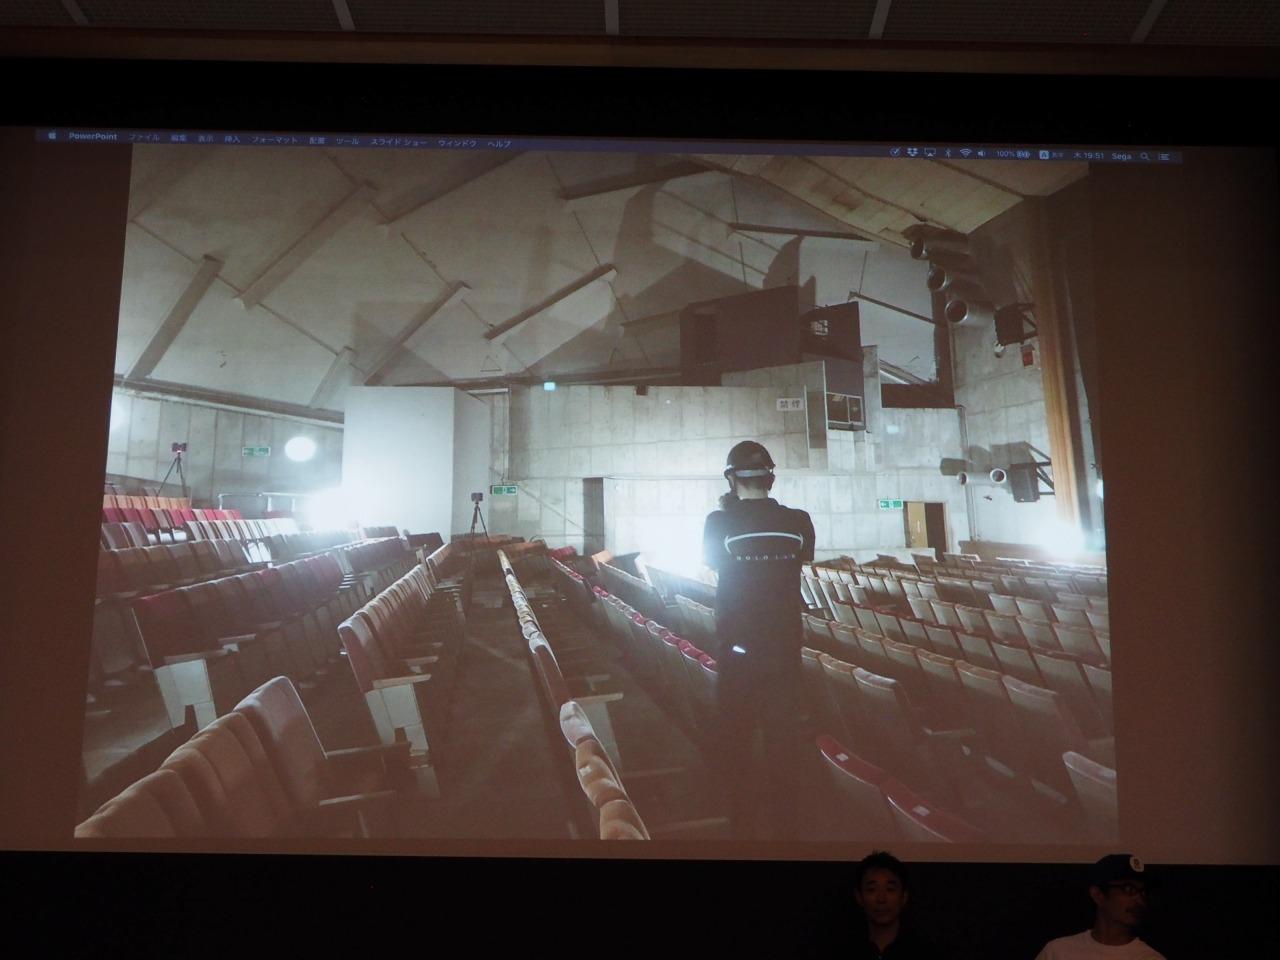 客席部の計測。3Dレーザースキャナーとデジタルカメラを使用